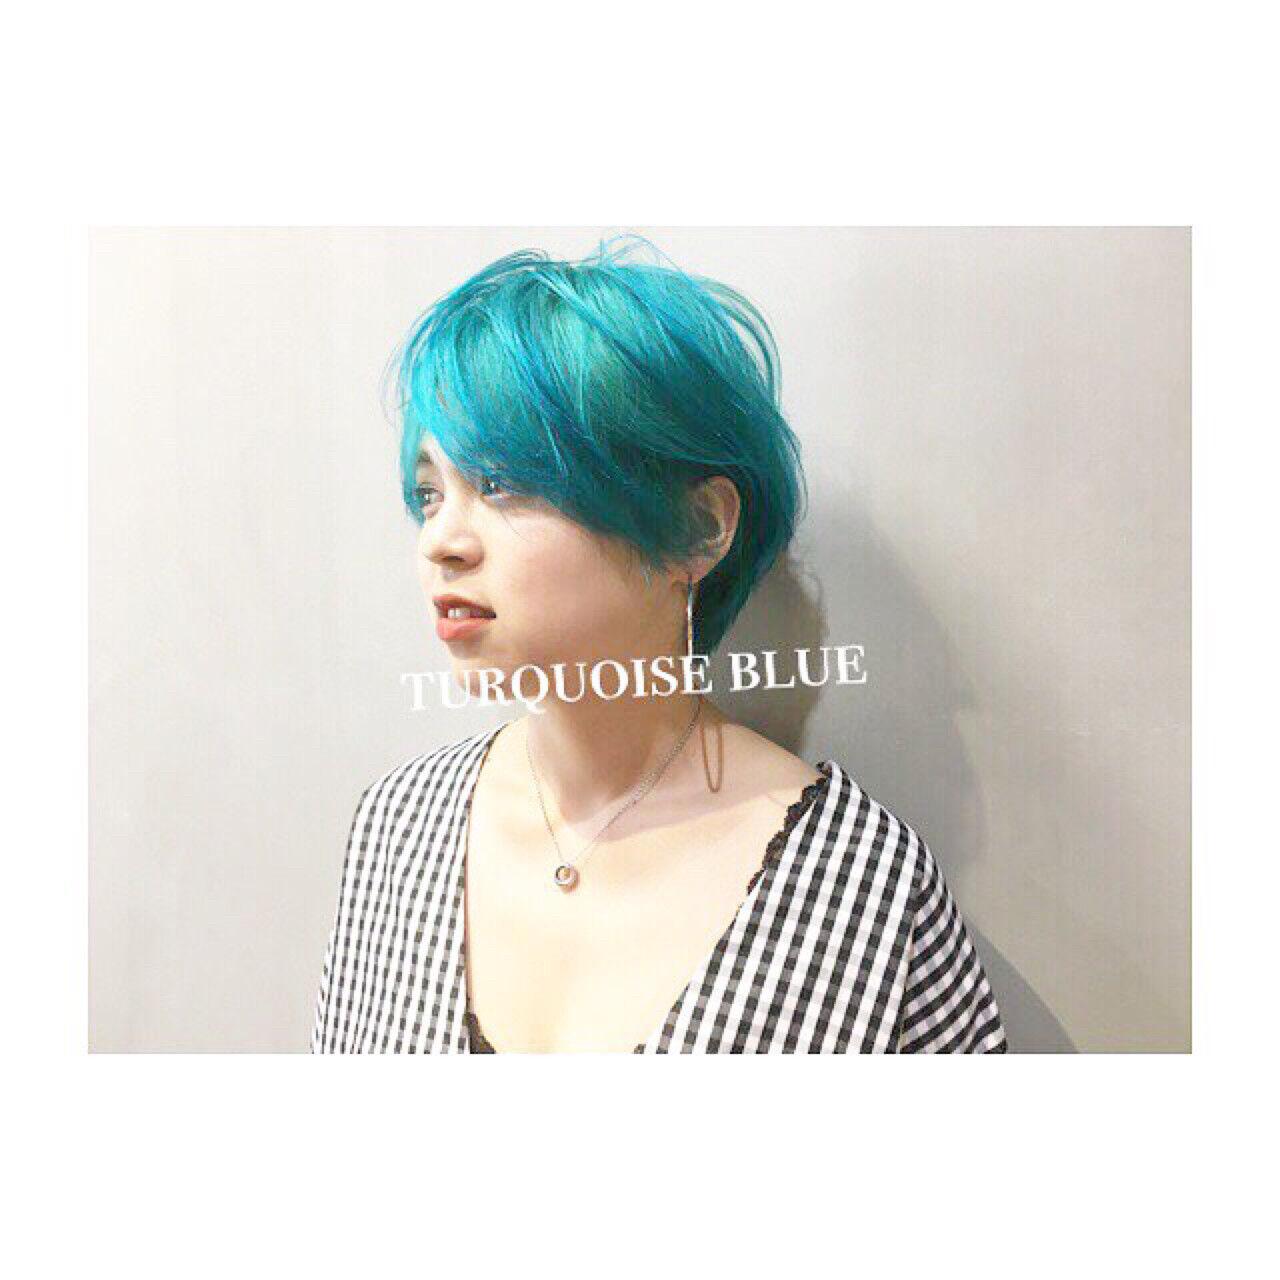 ストリート 涼しげ 色気 グレーアッシュヘアスタイルや髪型の写真・画像